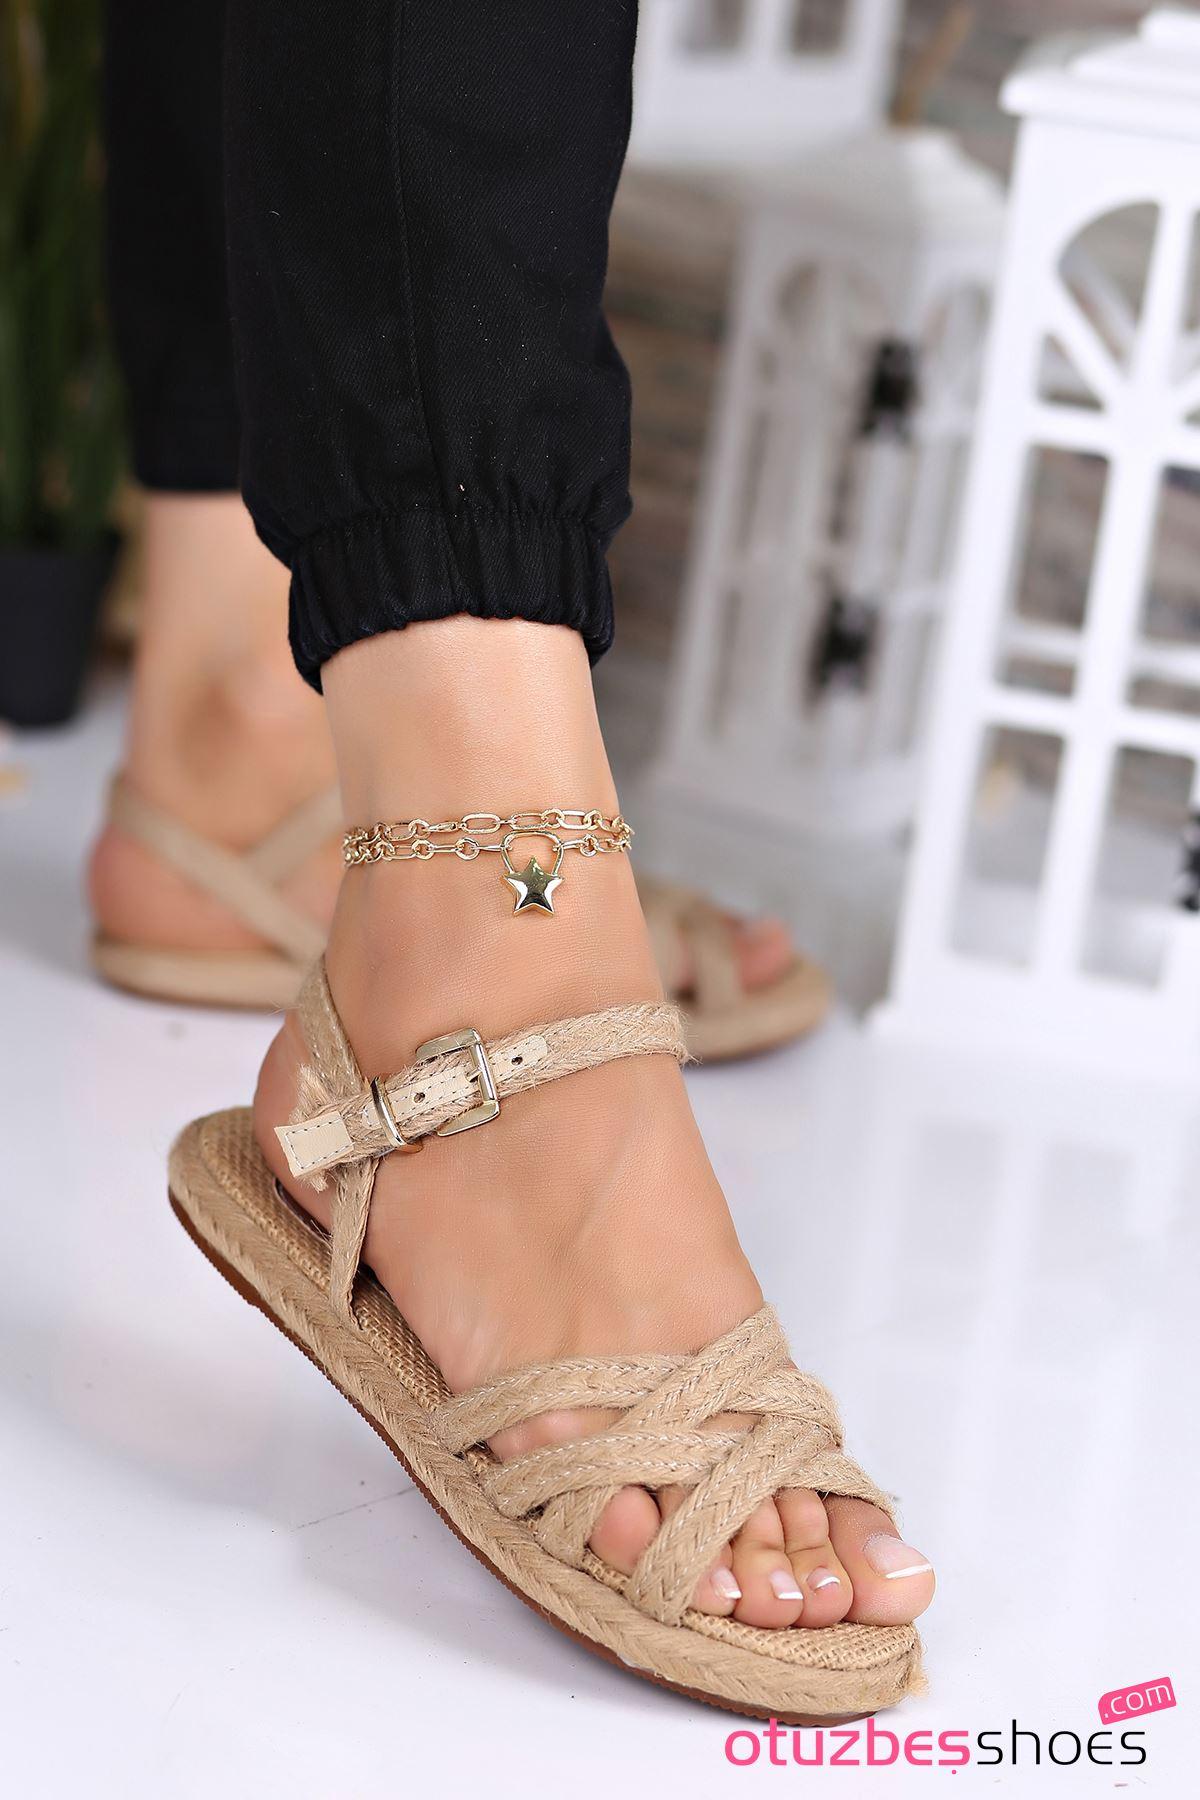 Laura Hasır Detay Çapraz Kadın Sandalet